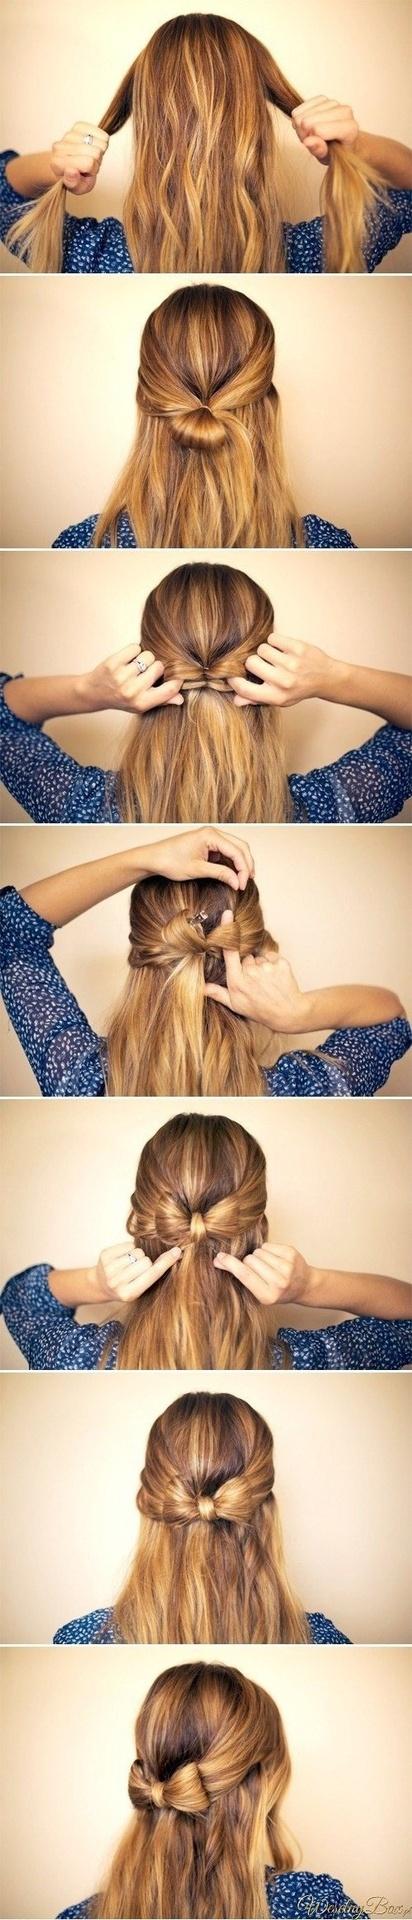 Bow tie hair